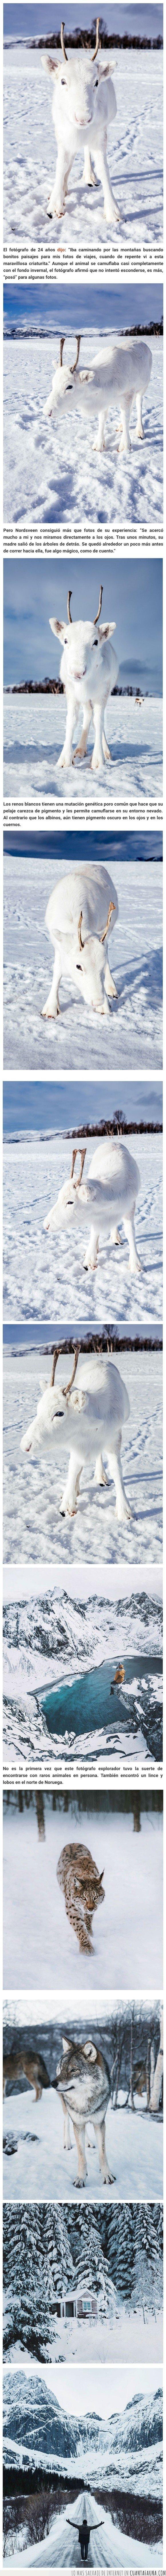 animales,noruega,reno